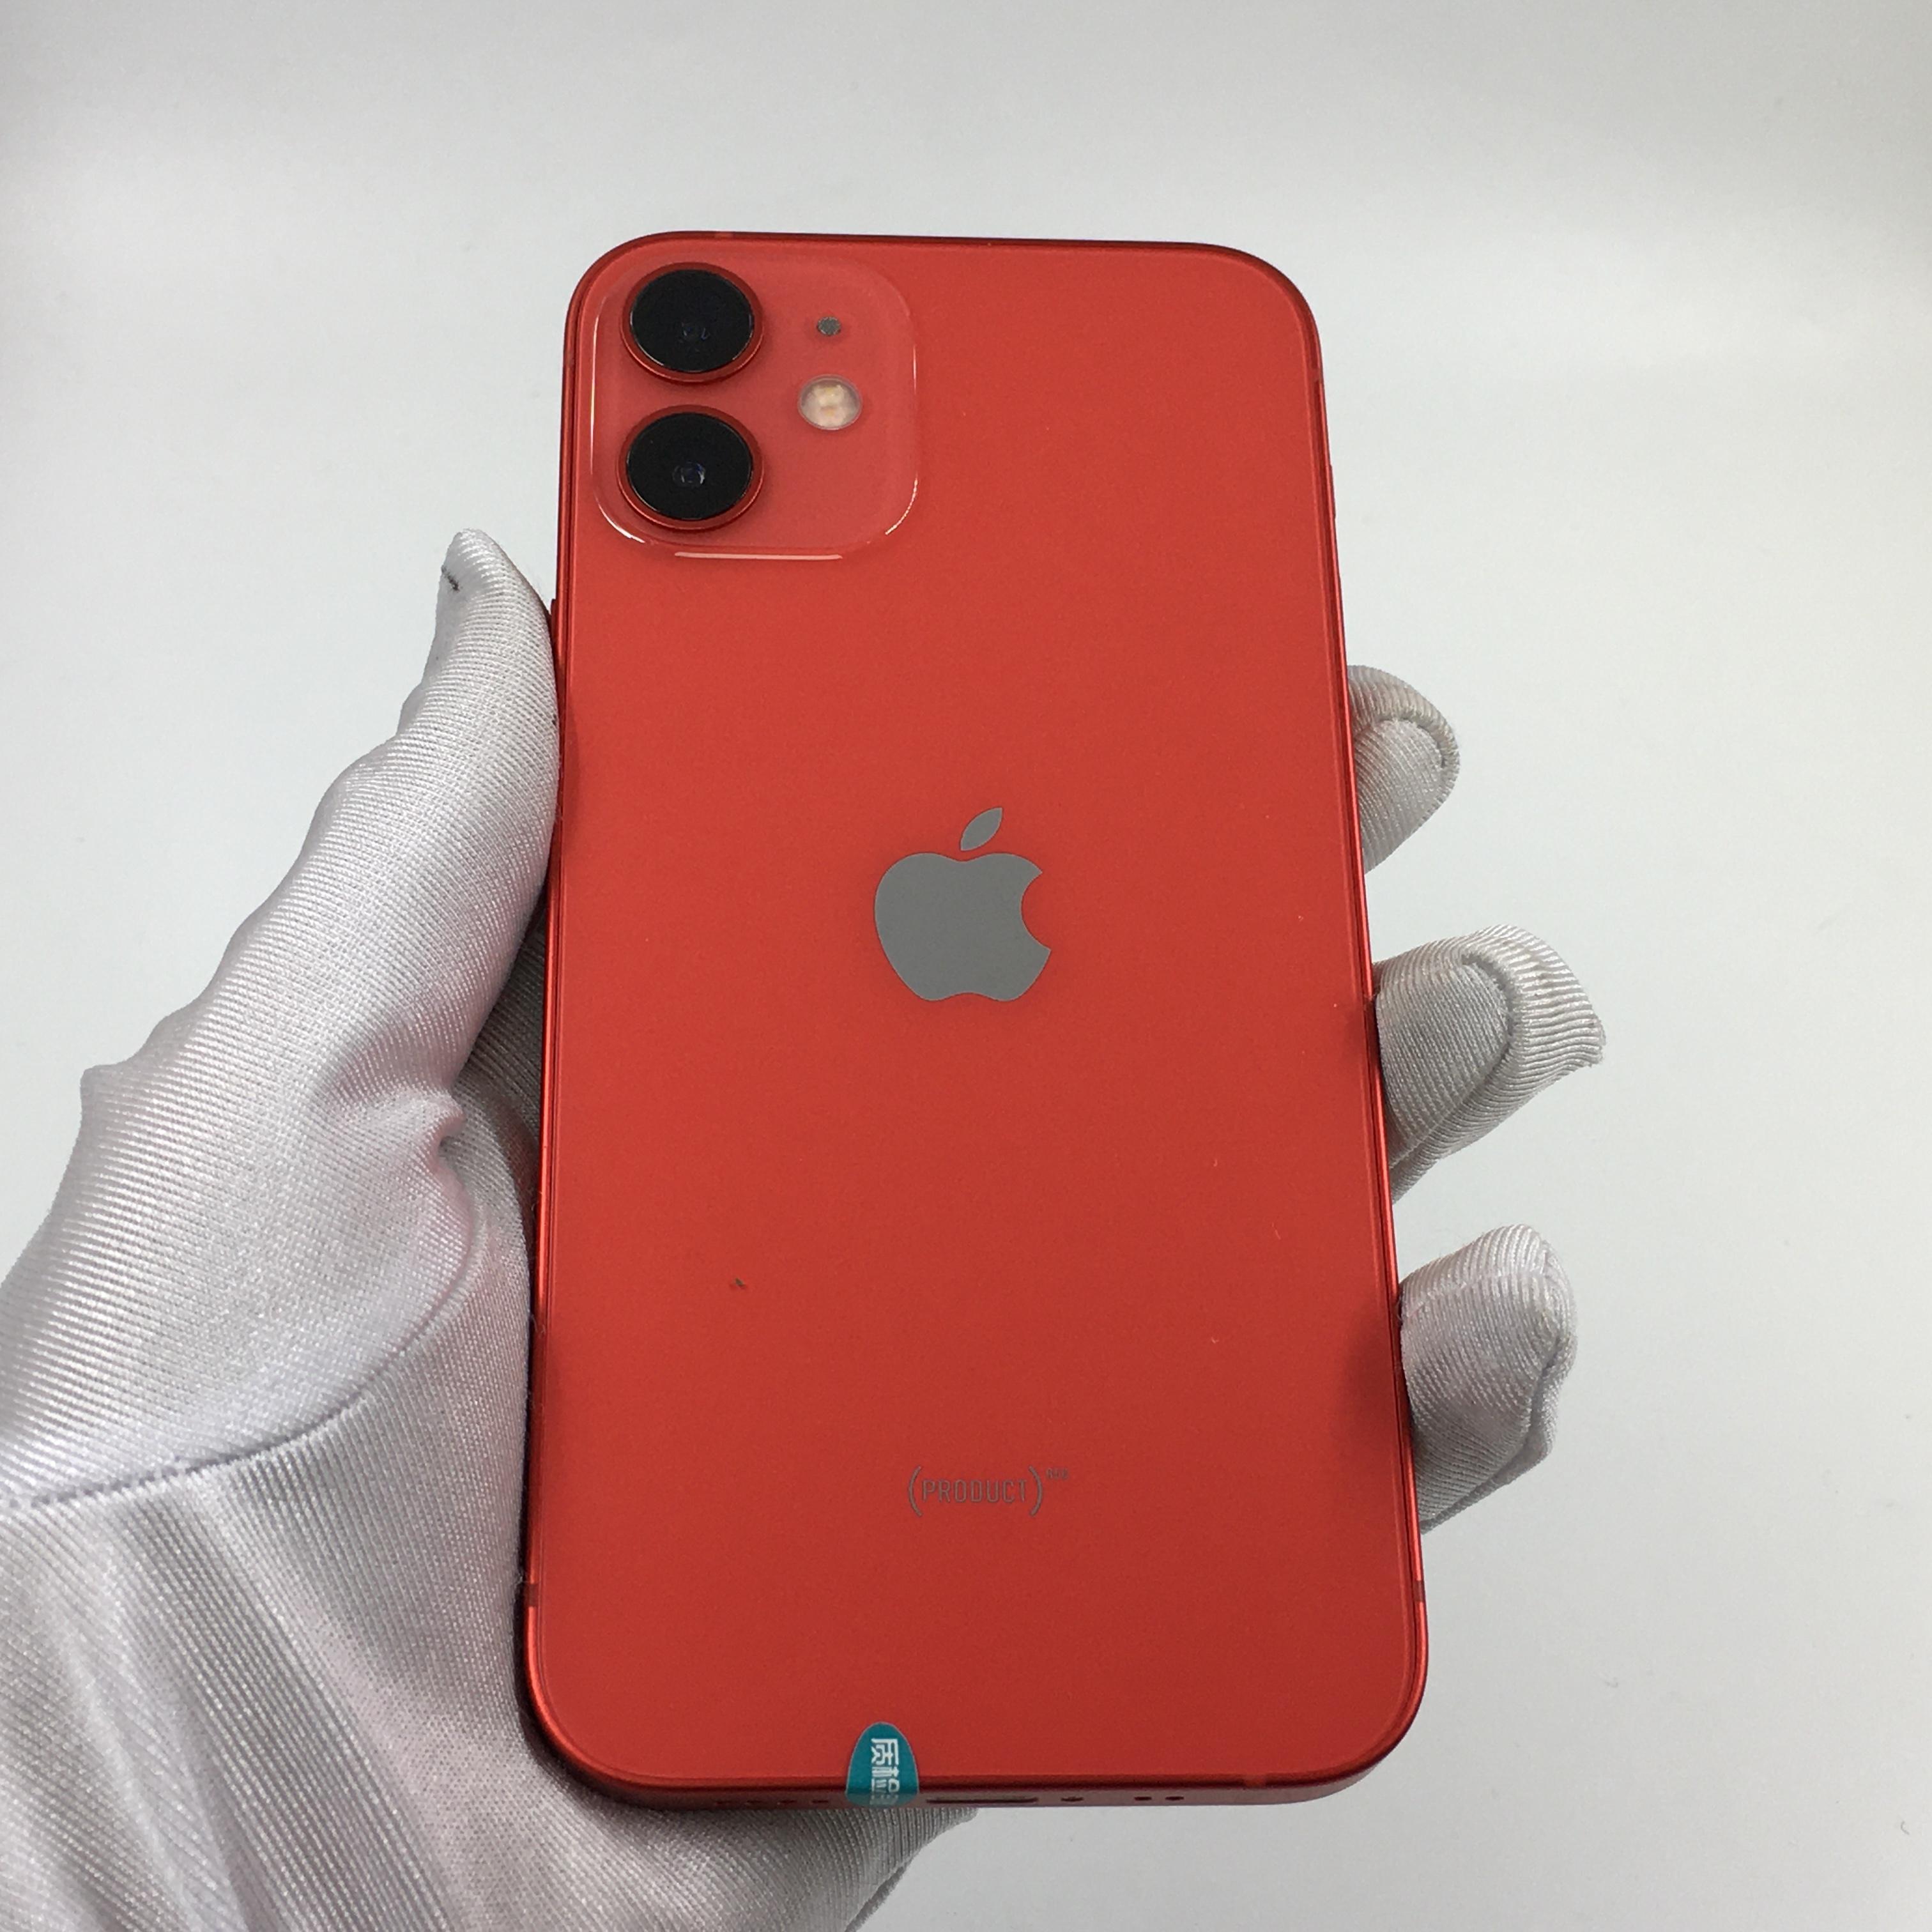 苹果【iPhone 12 mini】5G全网通 红色 64G 国行 8成新 64G真机实拍